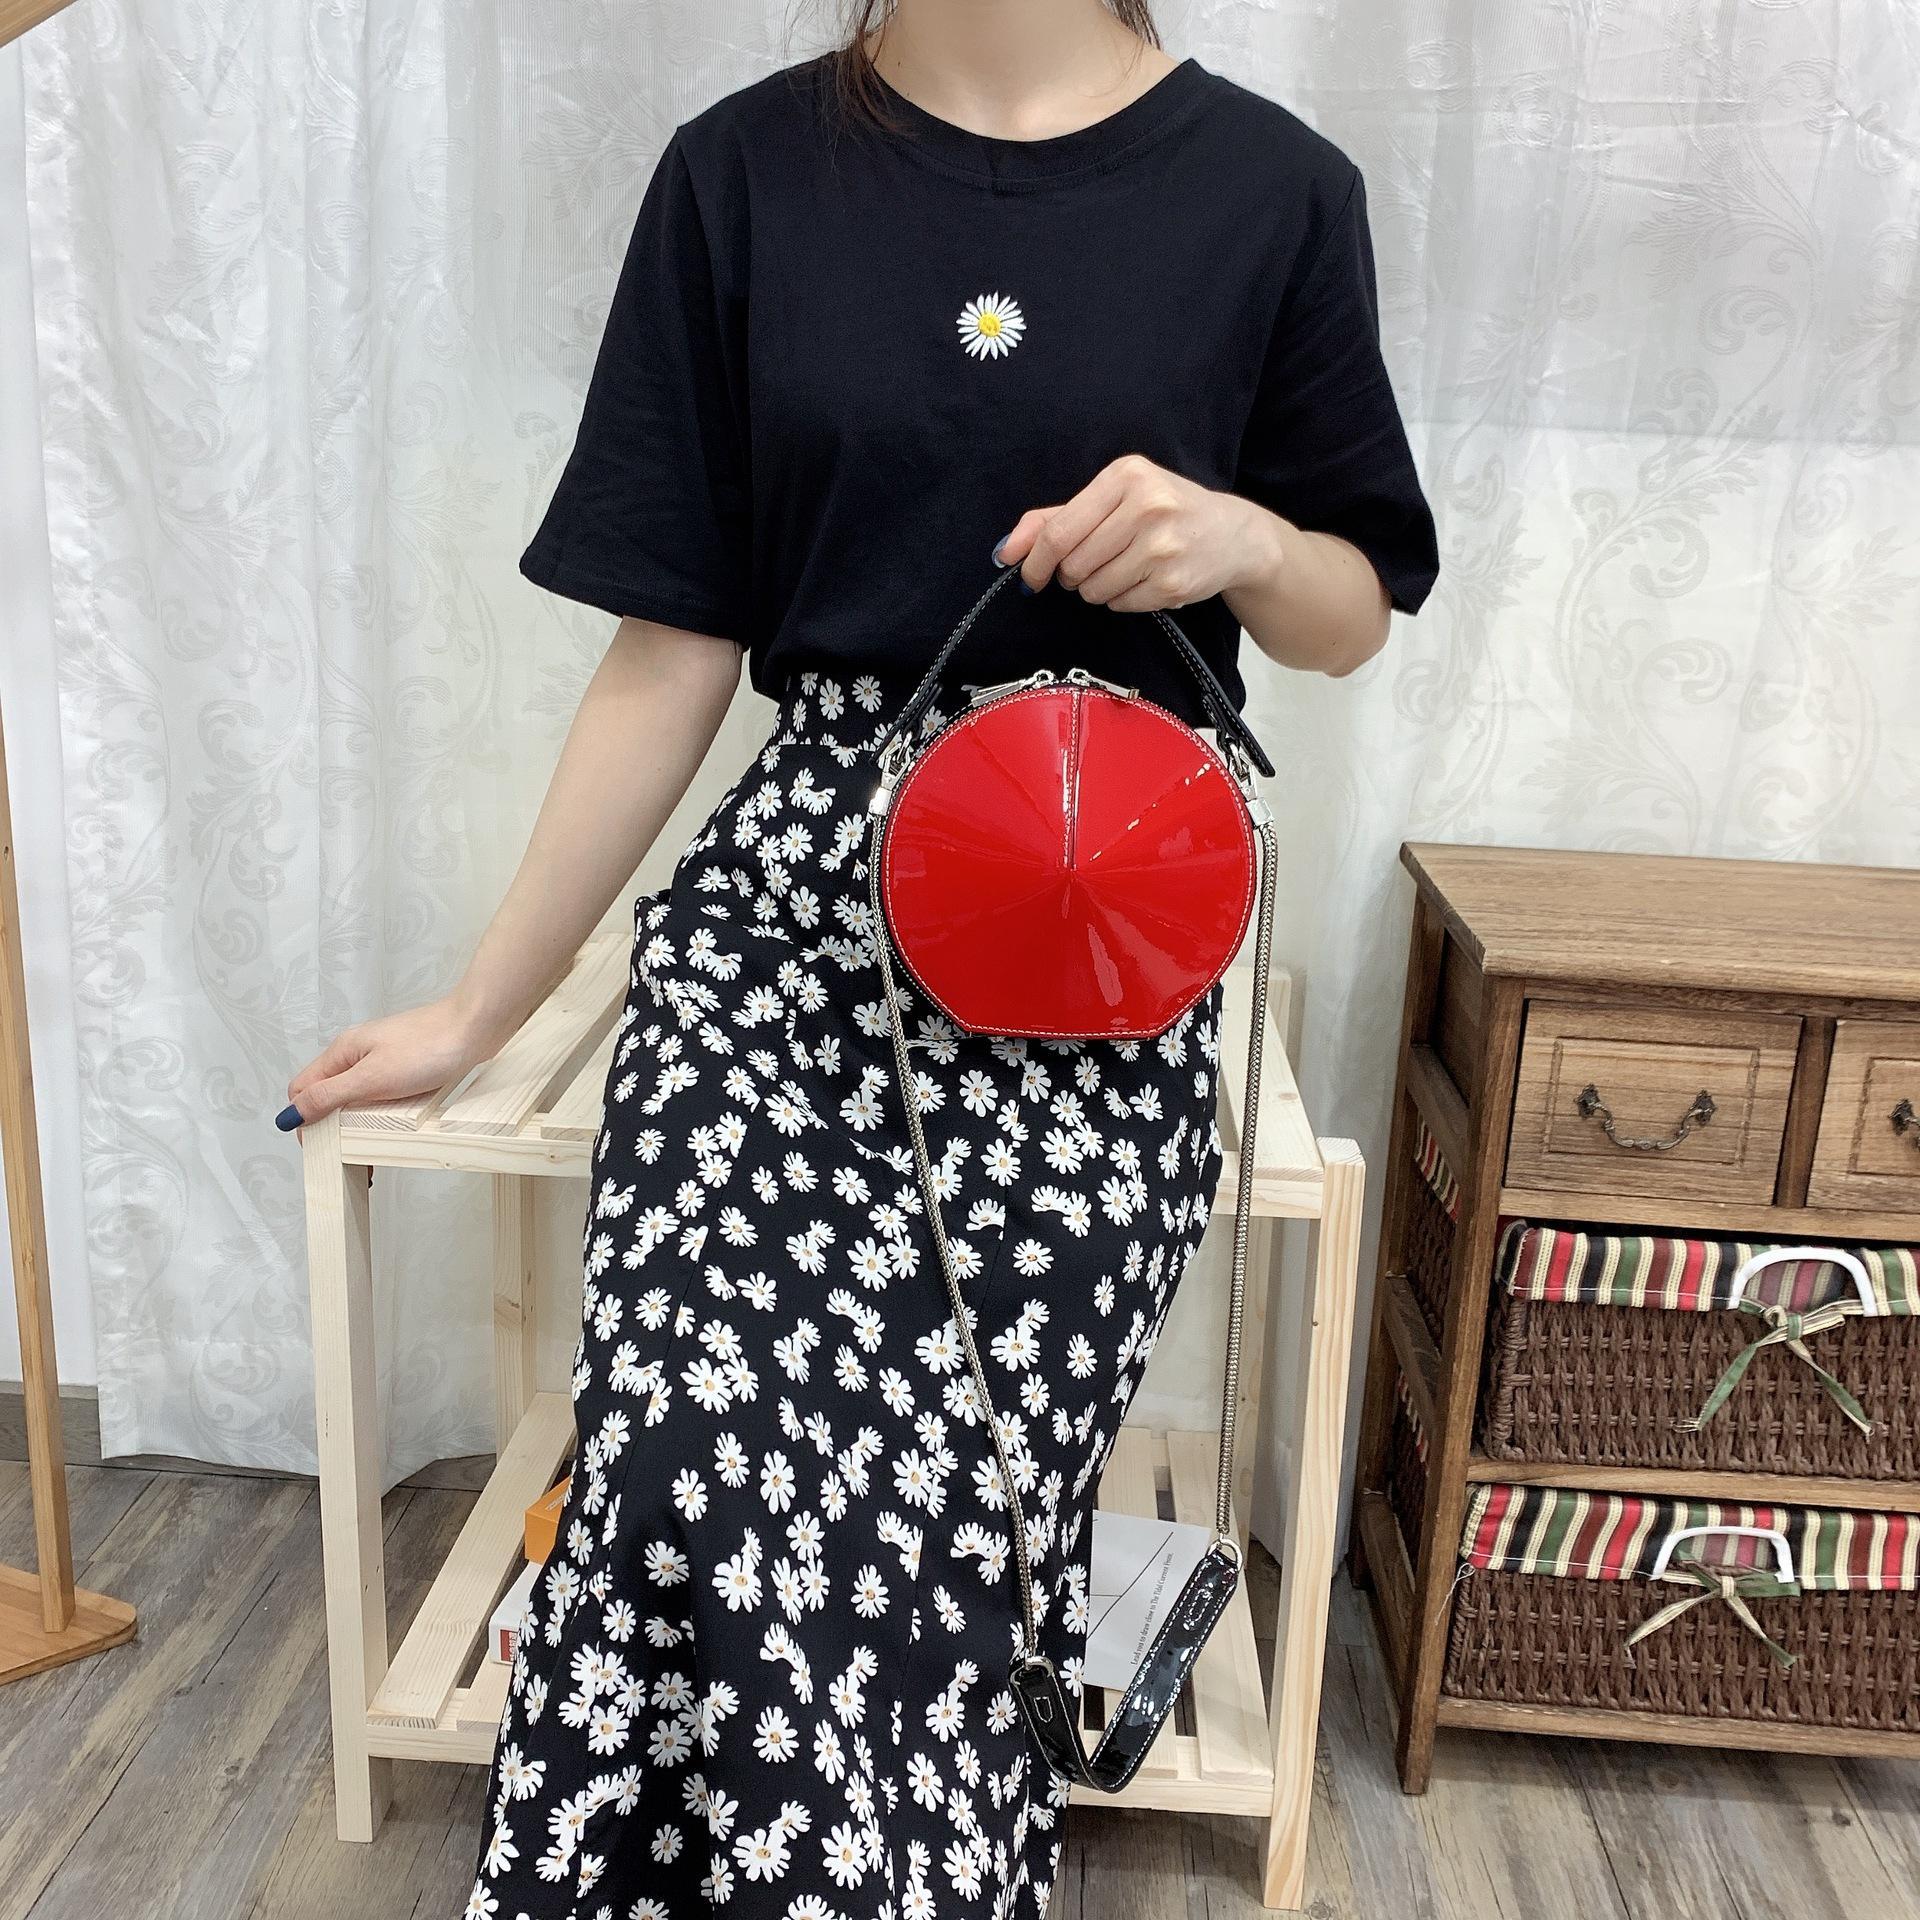 Deri küçük yuvarlak çanta 2020 yeni kadın moda trendi taşınabilir çapraz omuz çantası rugan